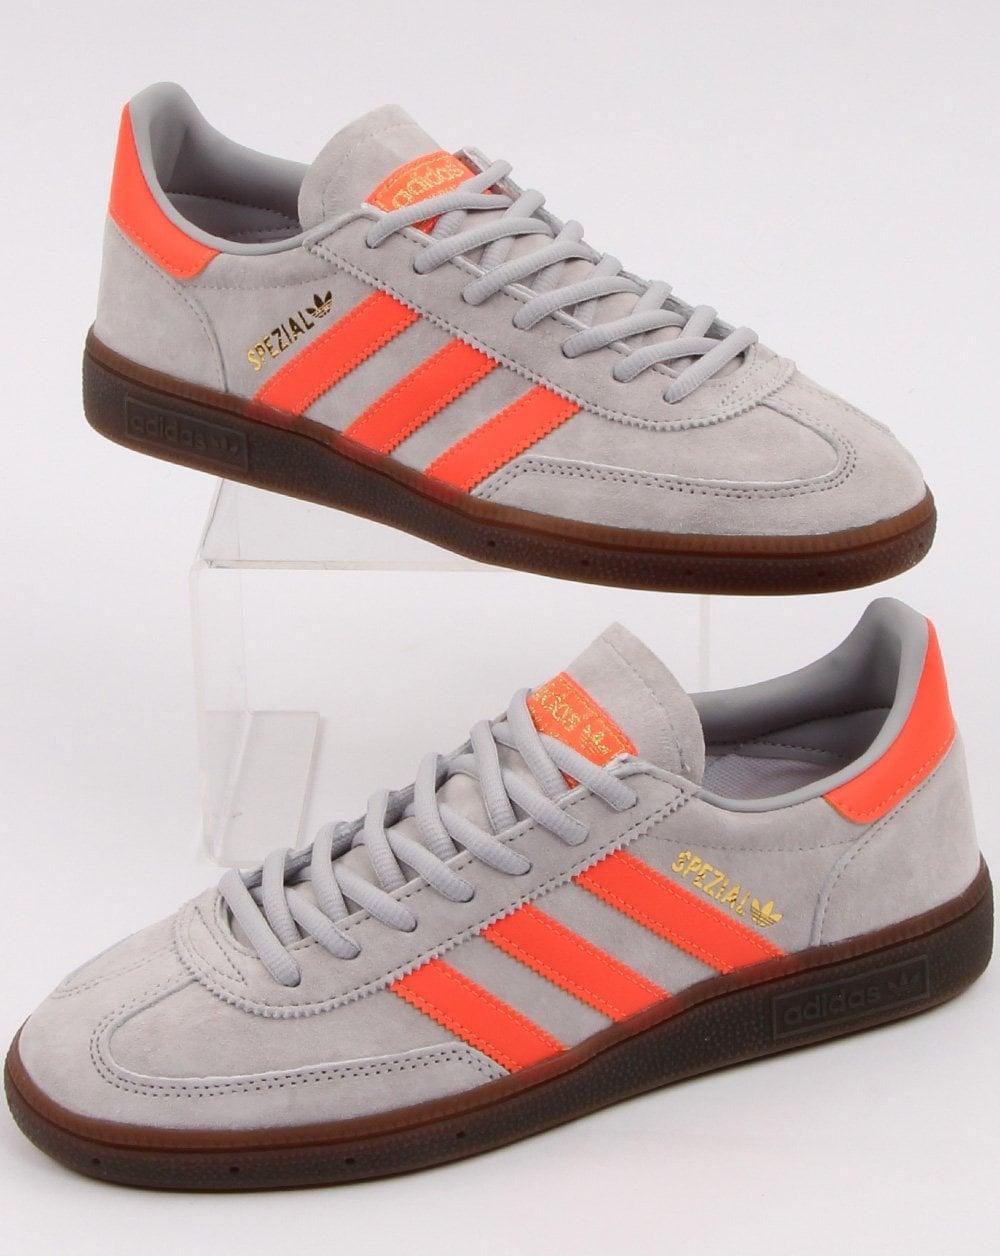 Adidas Spezial Trainers GreySoft Orange